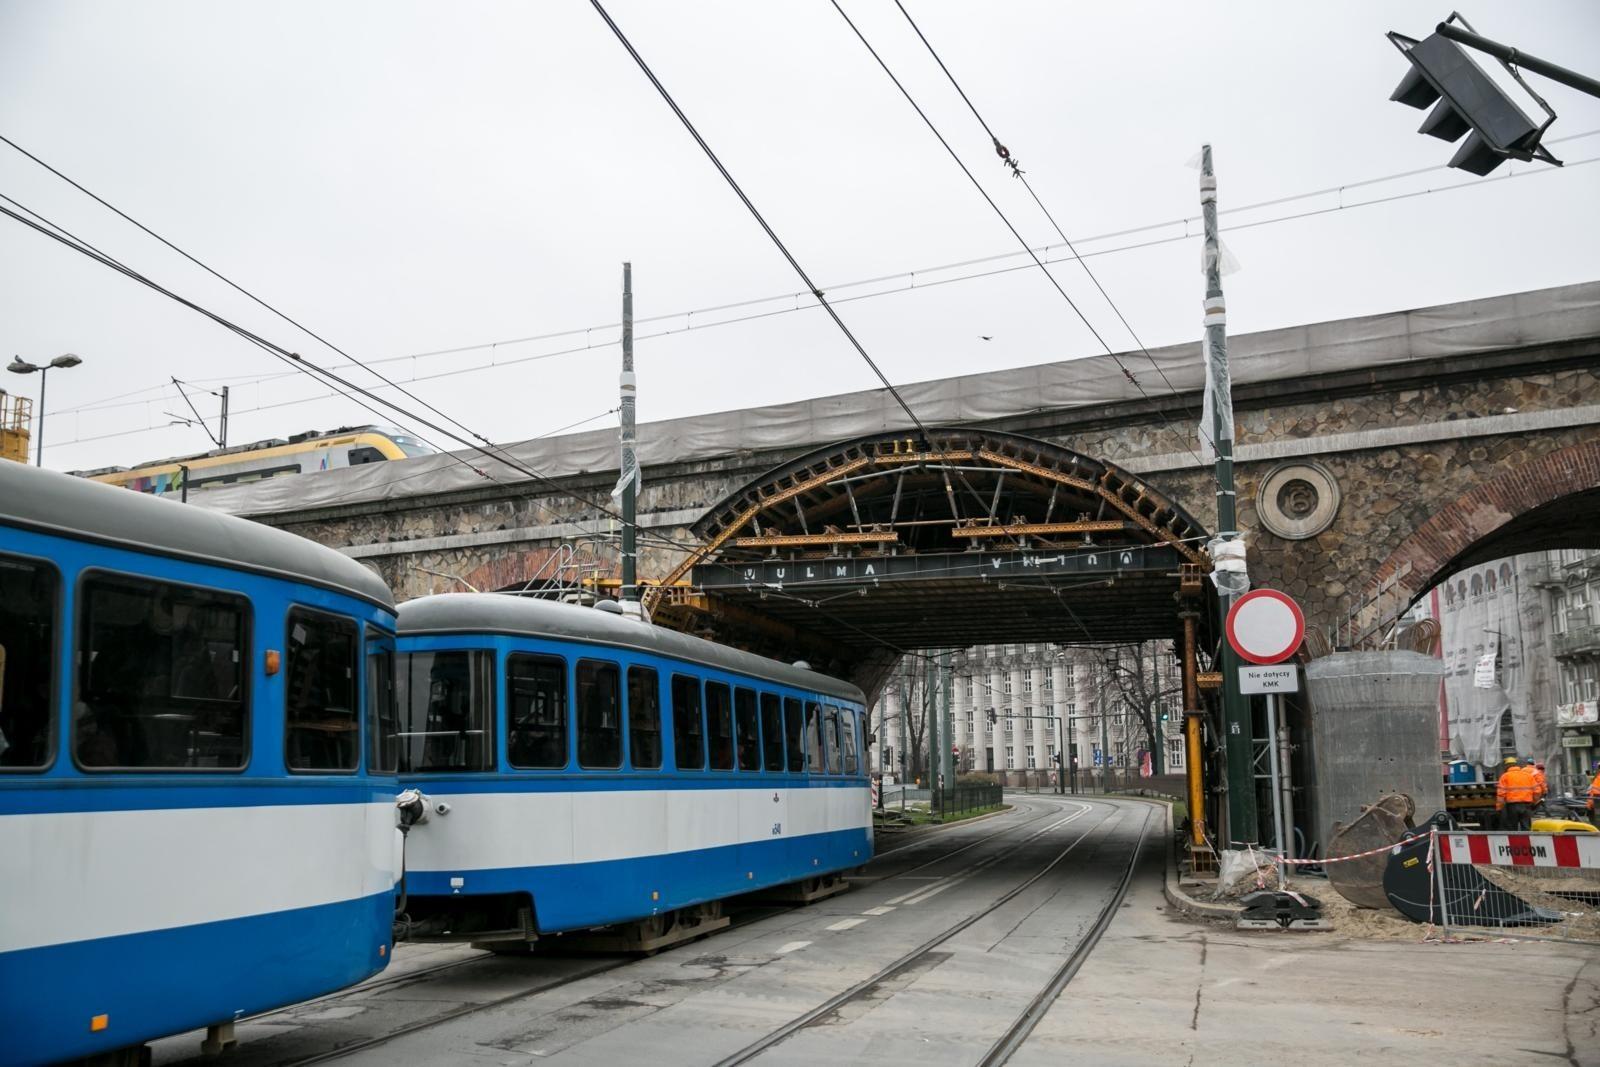 24b07d20d0ed2 W tym czasie wprowadzone zostaną następujące zmiany w funkcjonowaniu  Komunikacji Miejskiej w Krakowie: linia 1 - kursować będzie po trasie  czasowo ...